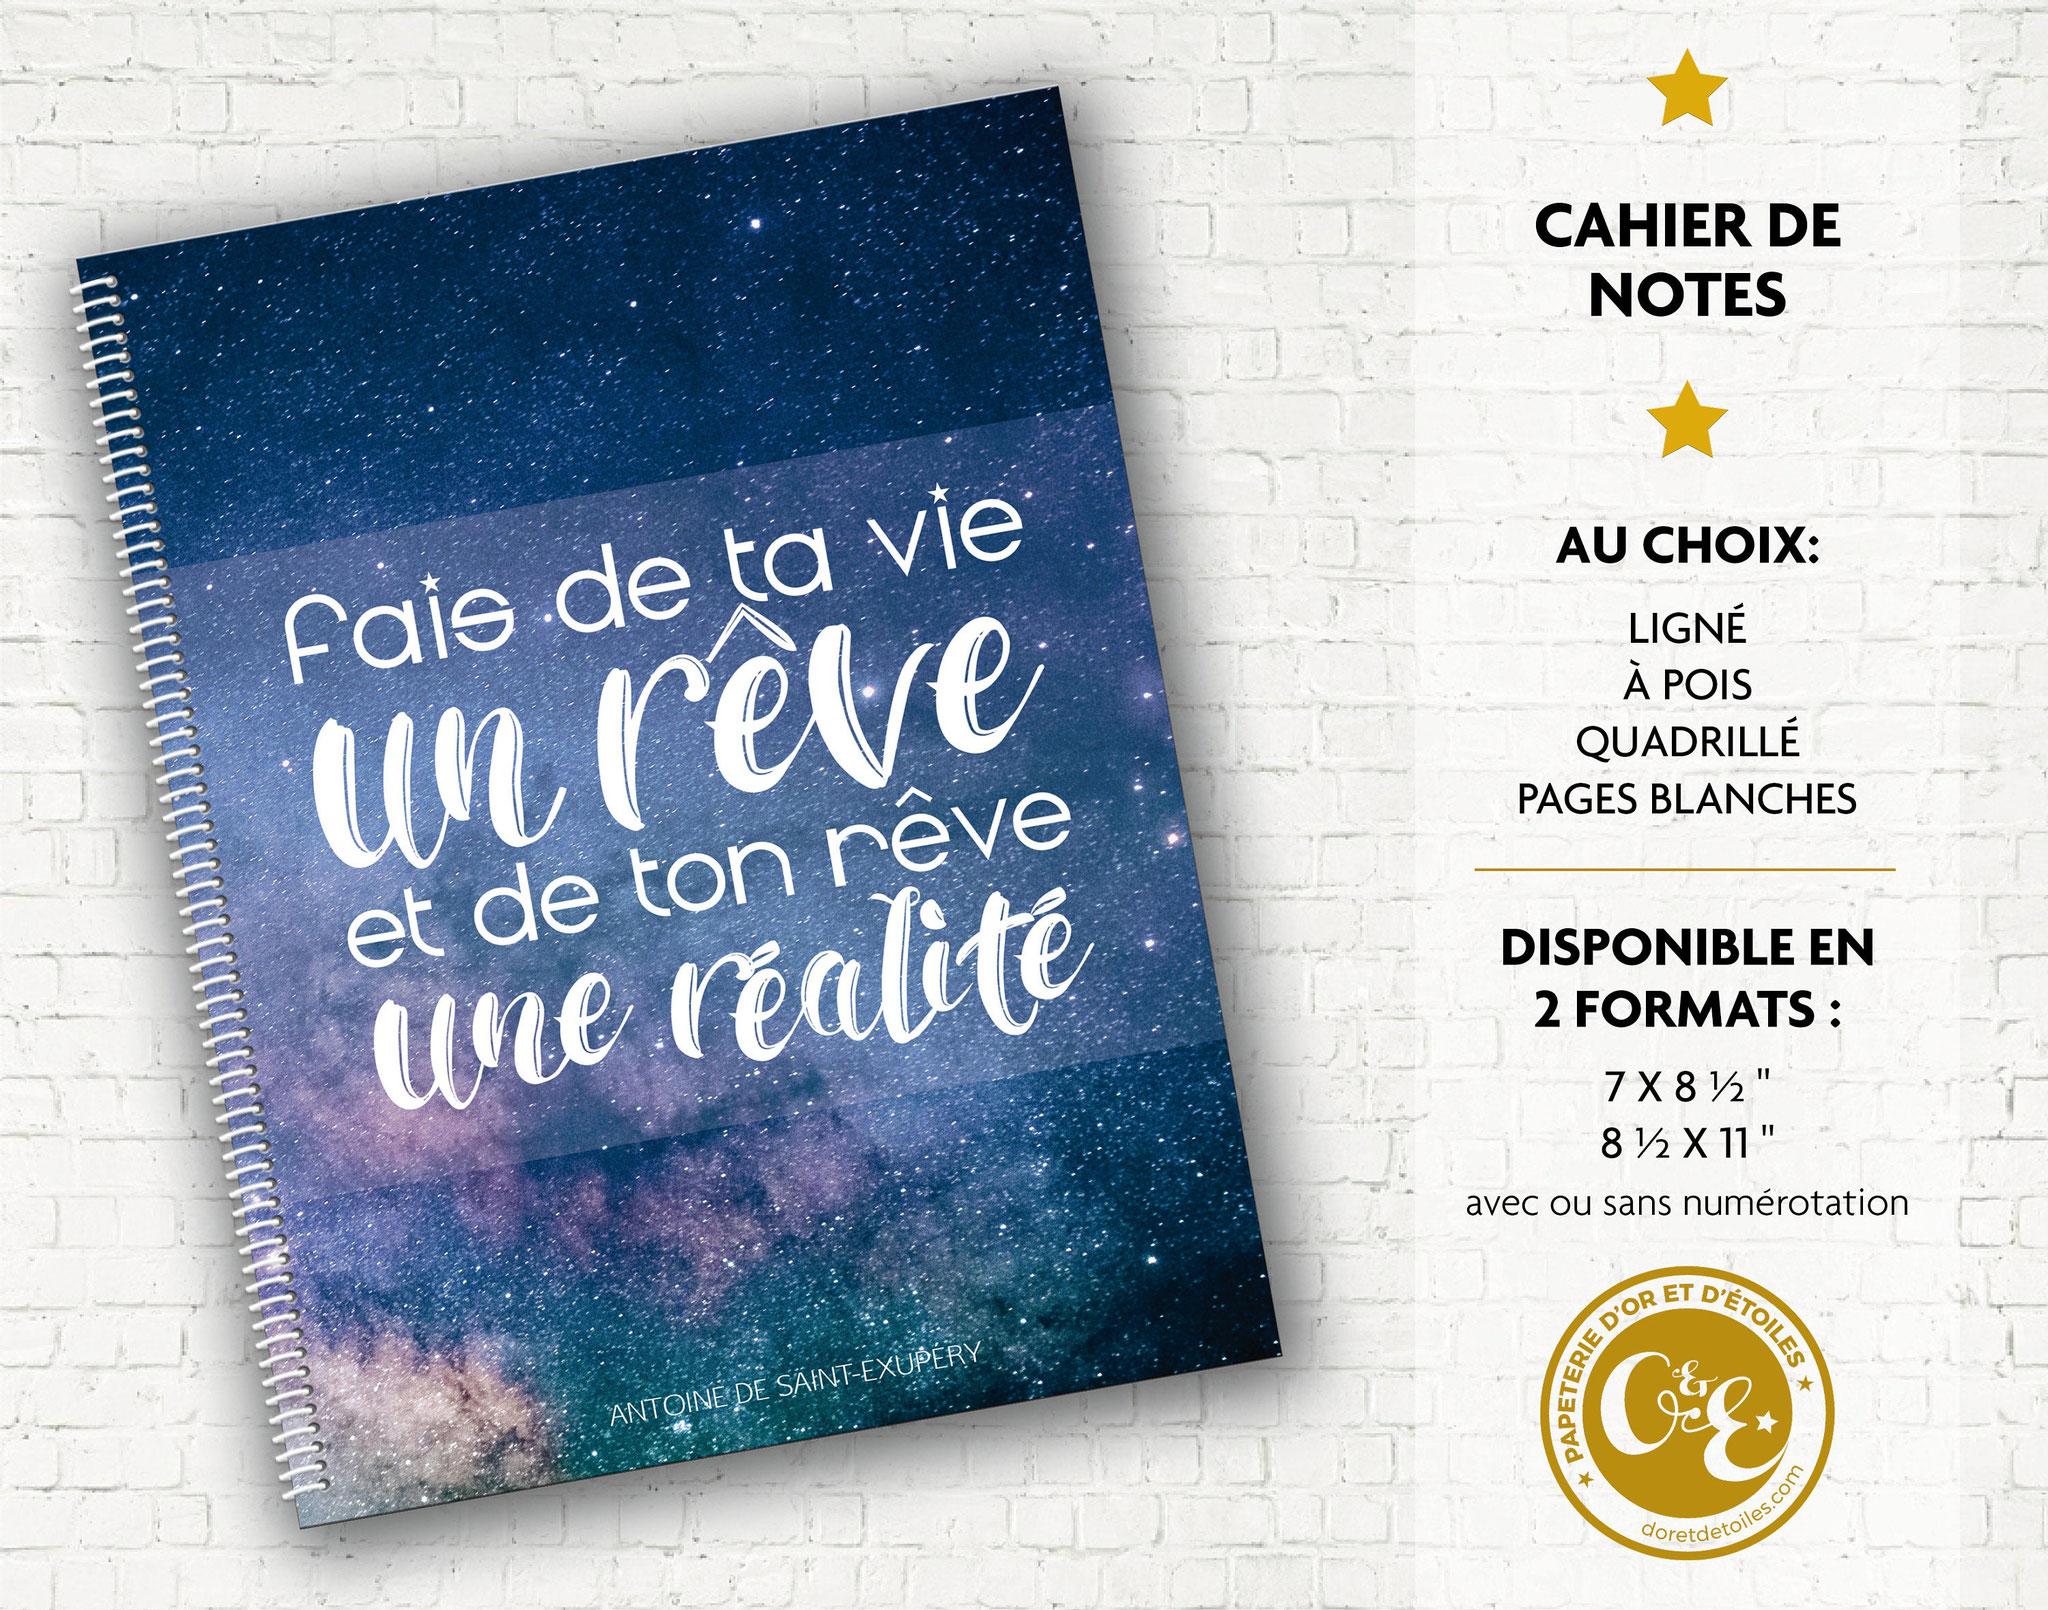 Cahier de notes de Papeterie d'Or et d'Étoiles